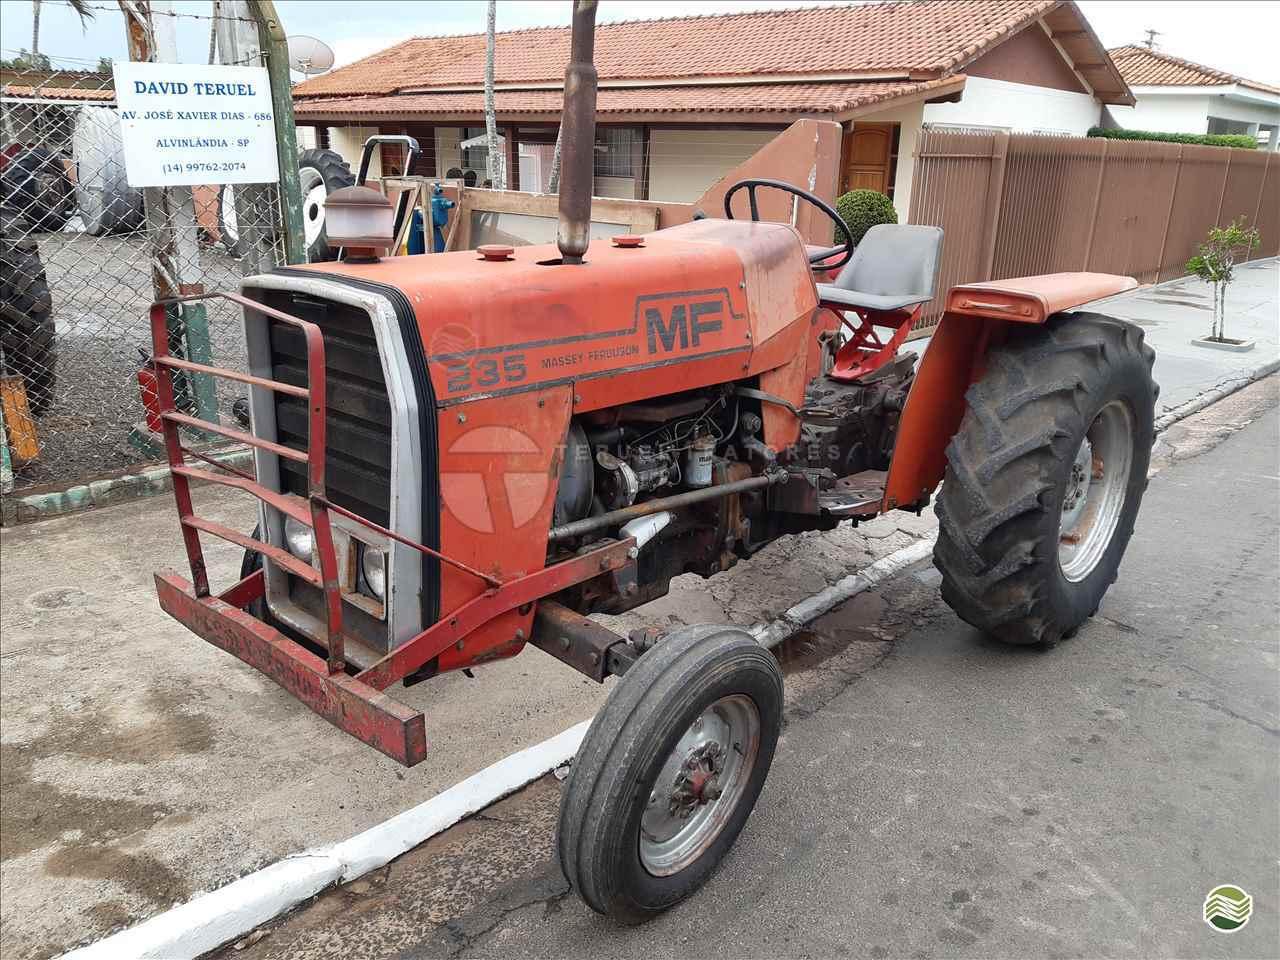 TRATOR MASSEY FERGUSON MF 235 Tração 4x2 Teruel Tratores ALVINLANDIA SÃO PAULO SP